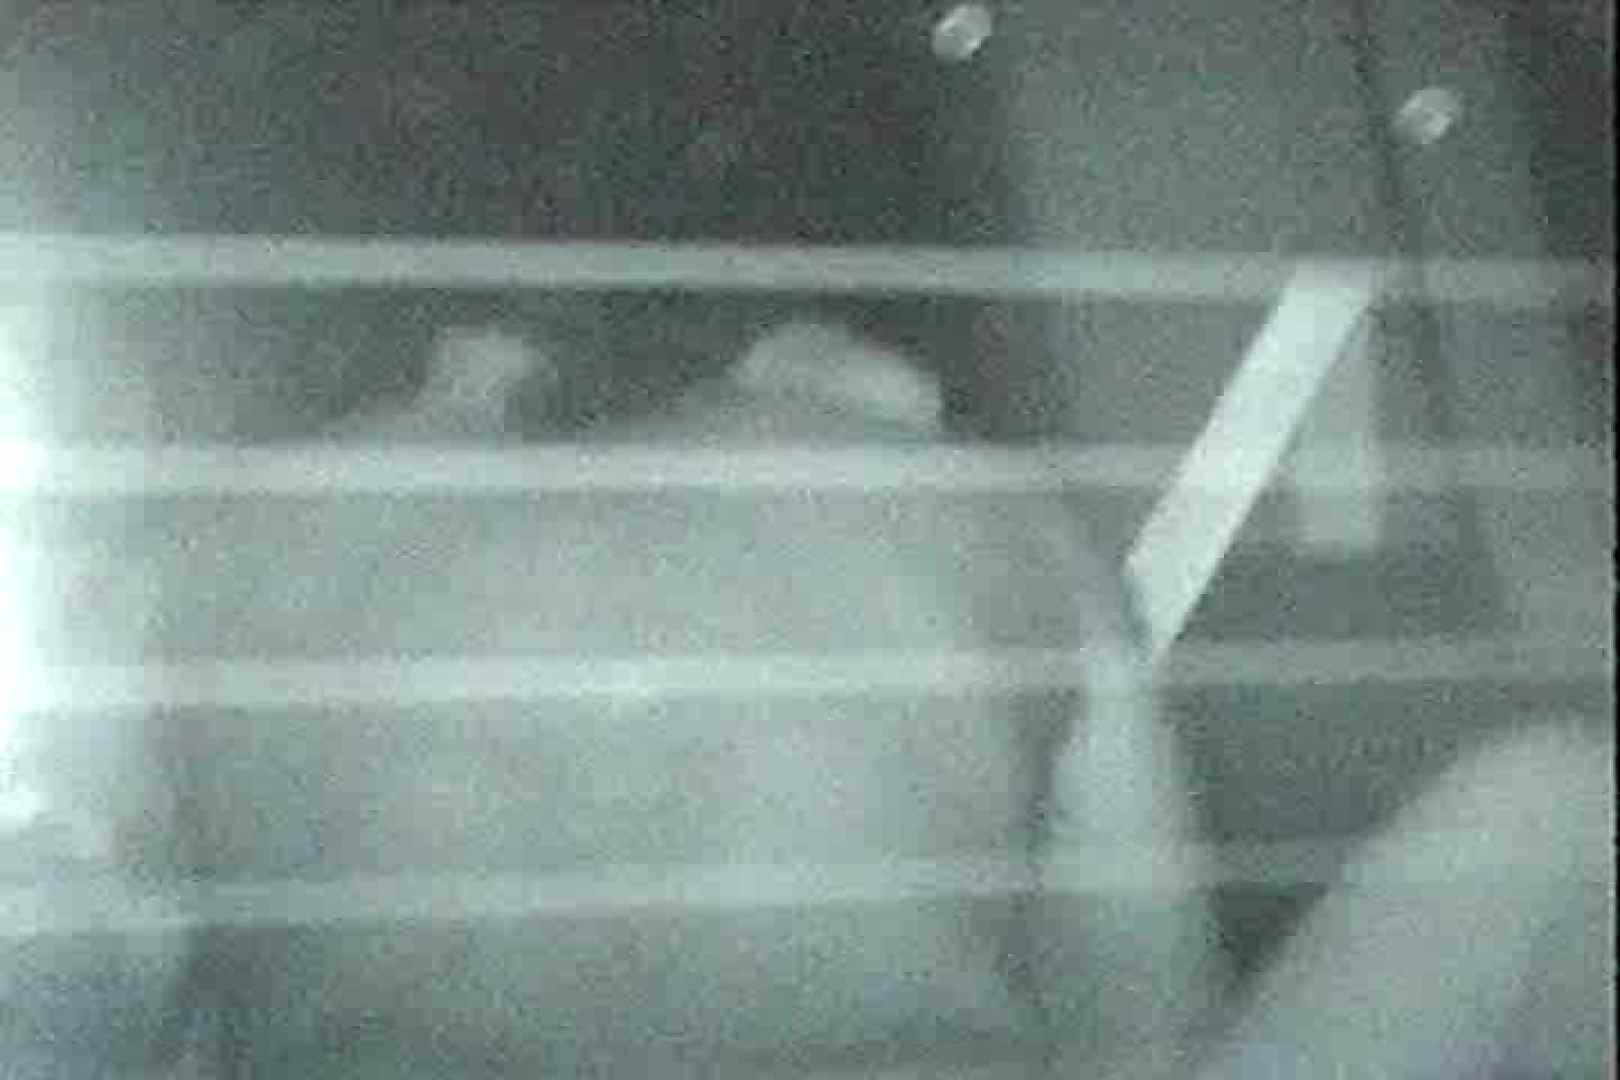 充血監督の深夜の運動会Vol.39 OLセックス  80画像 44